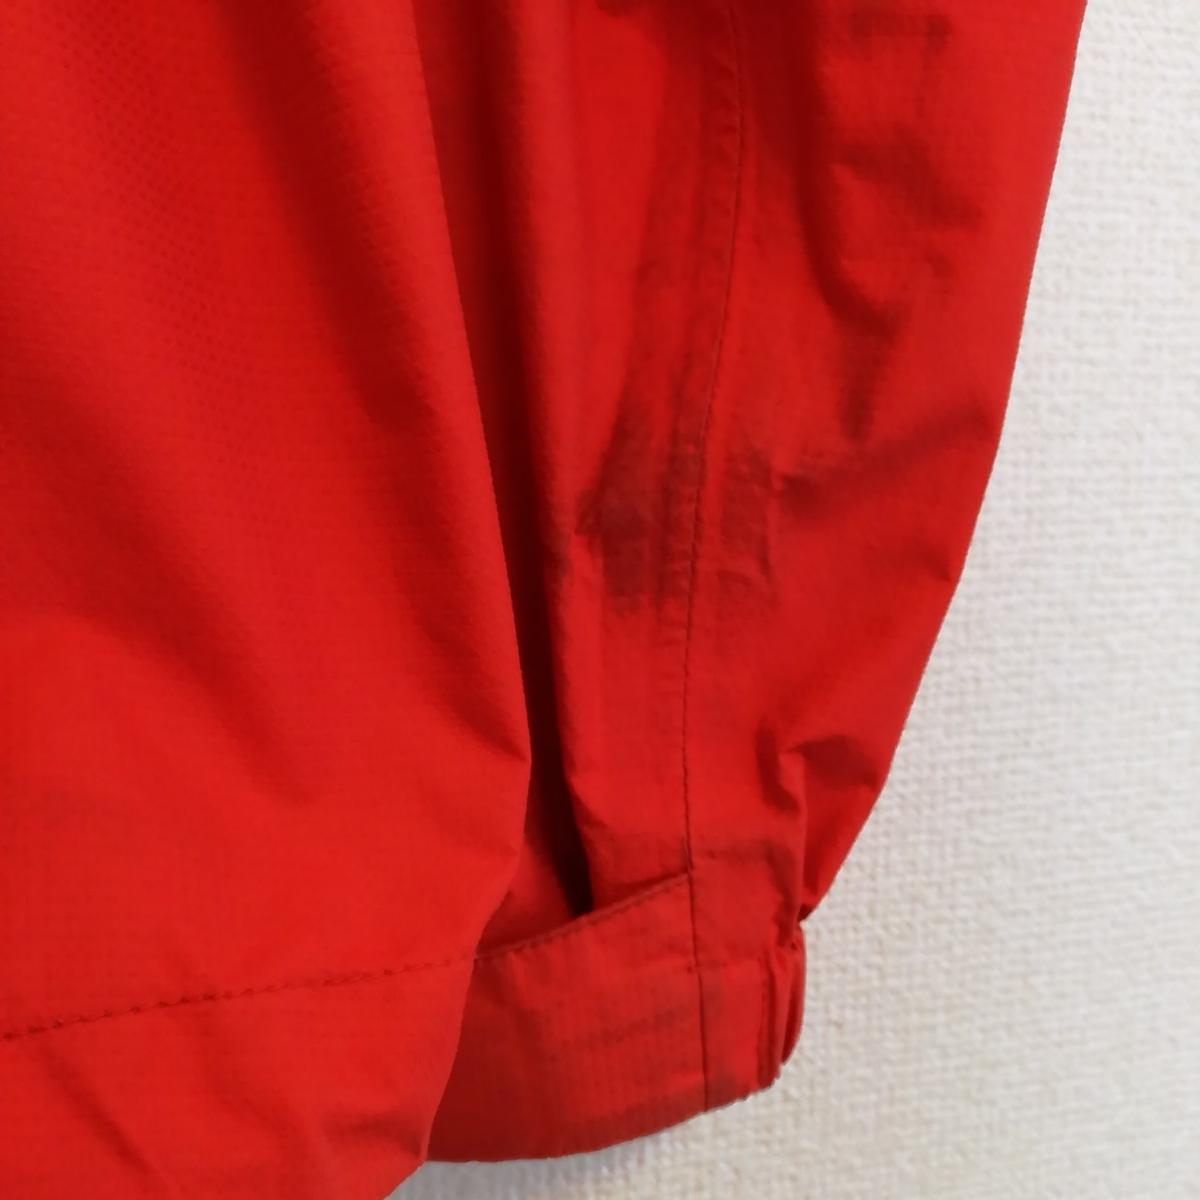 激レア希少2001年モデル!パタゴニアpatagonia イーサージャケット 83405 ゴアテックス 最高峰アルパイン マウンテンパーカー オレンジM_画像4